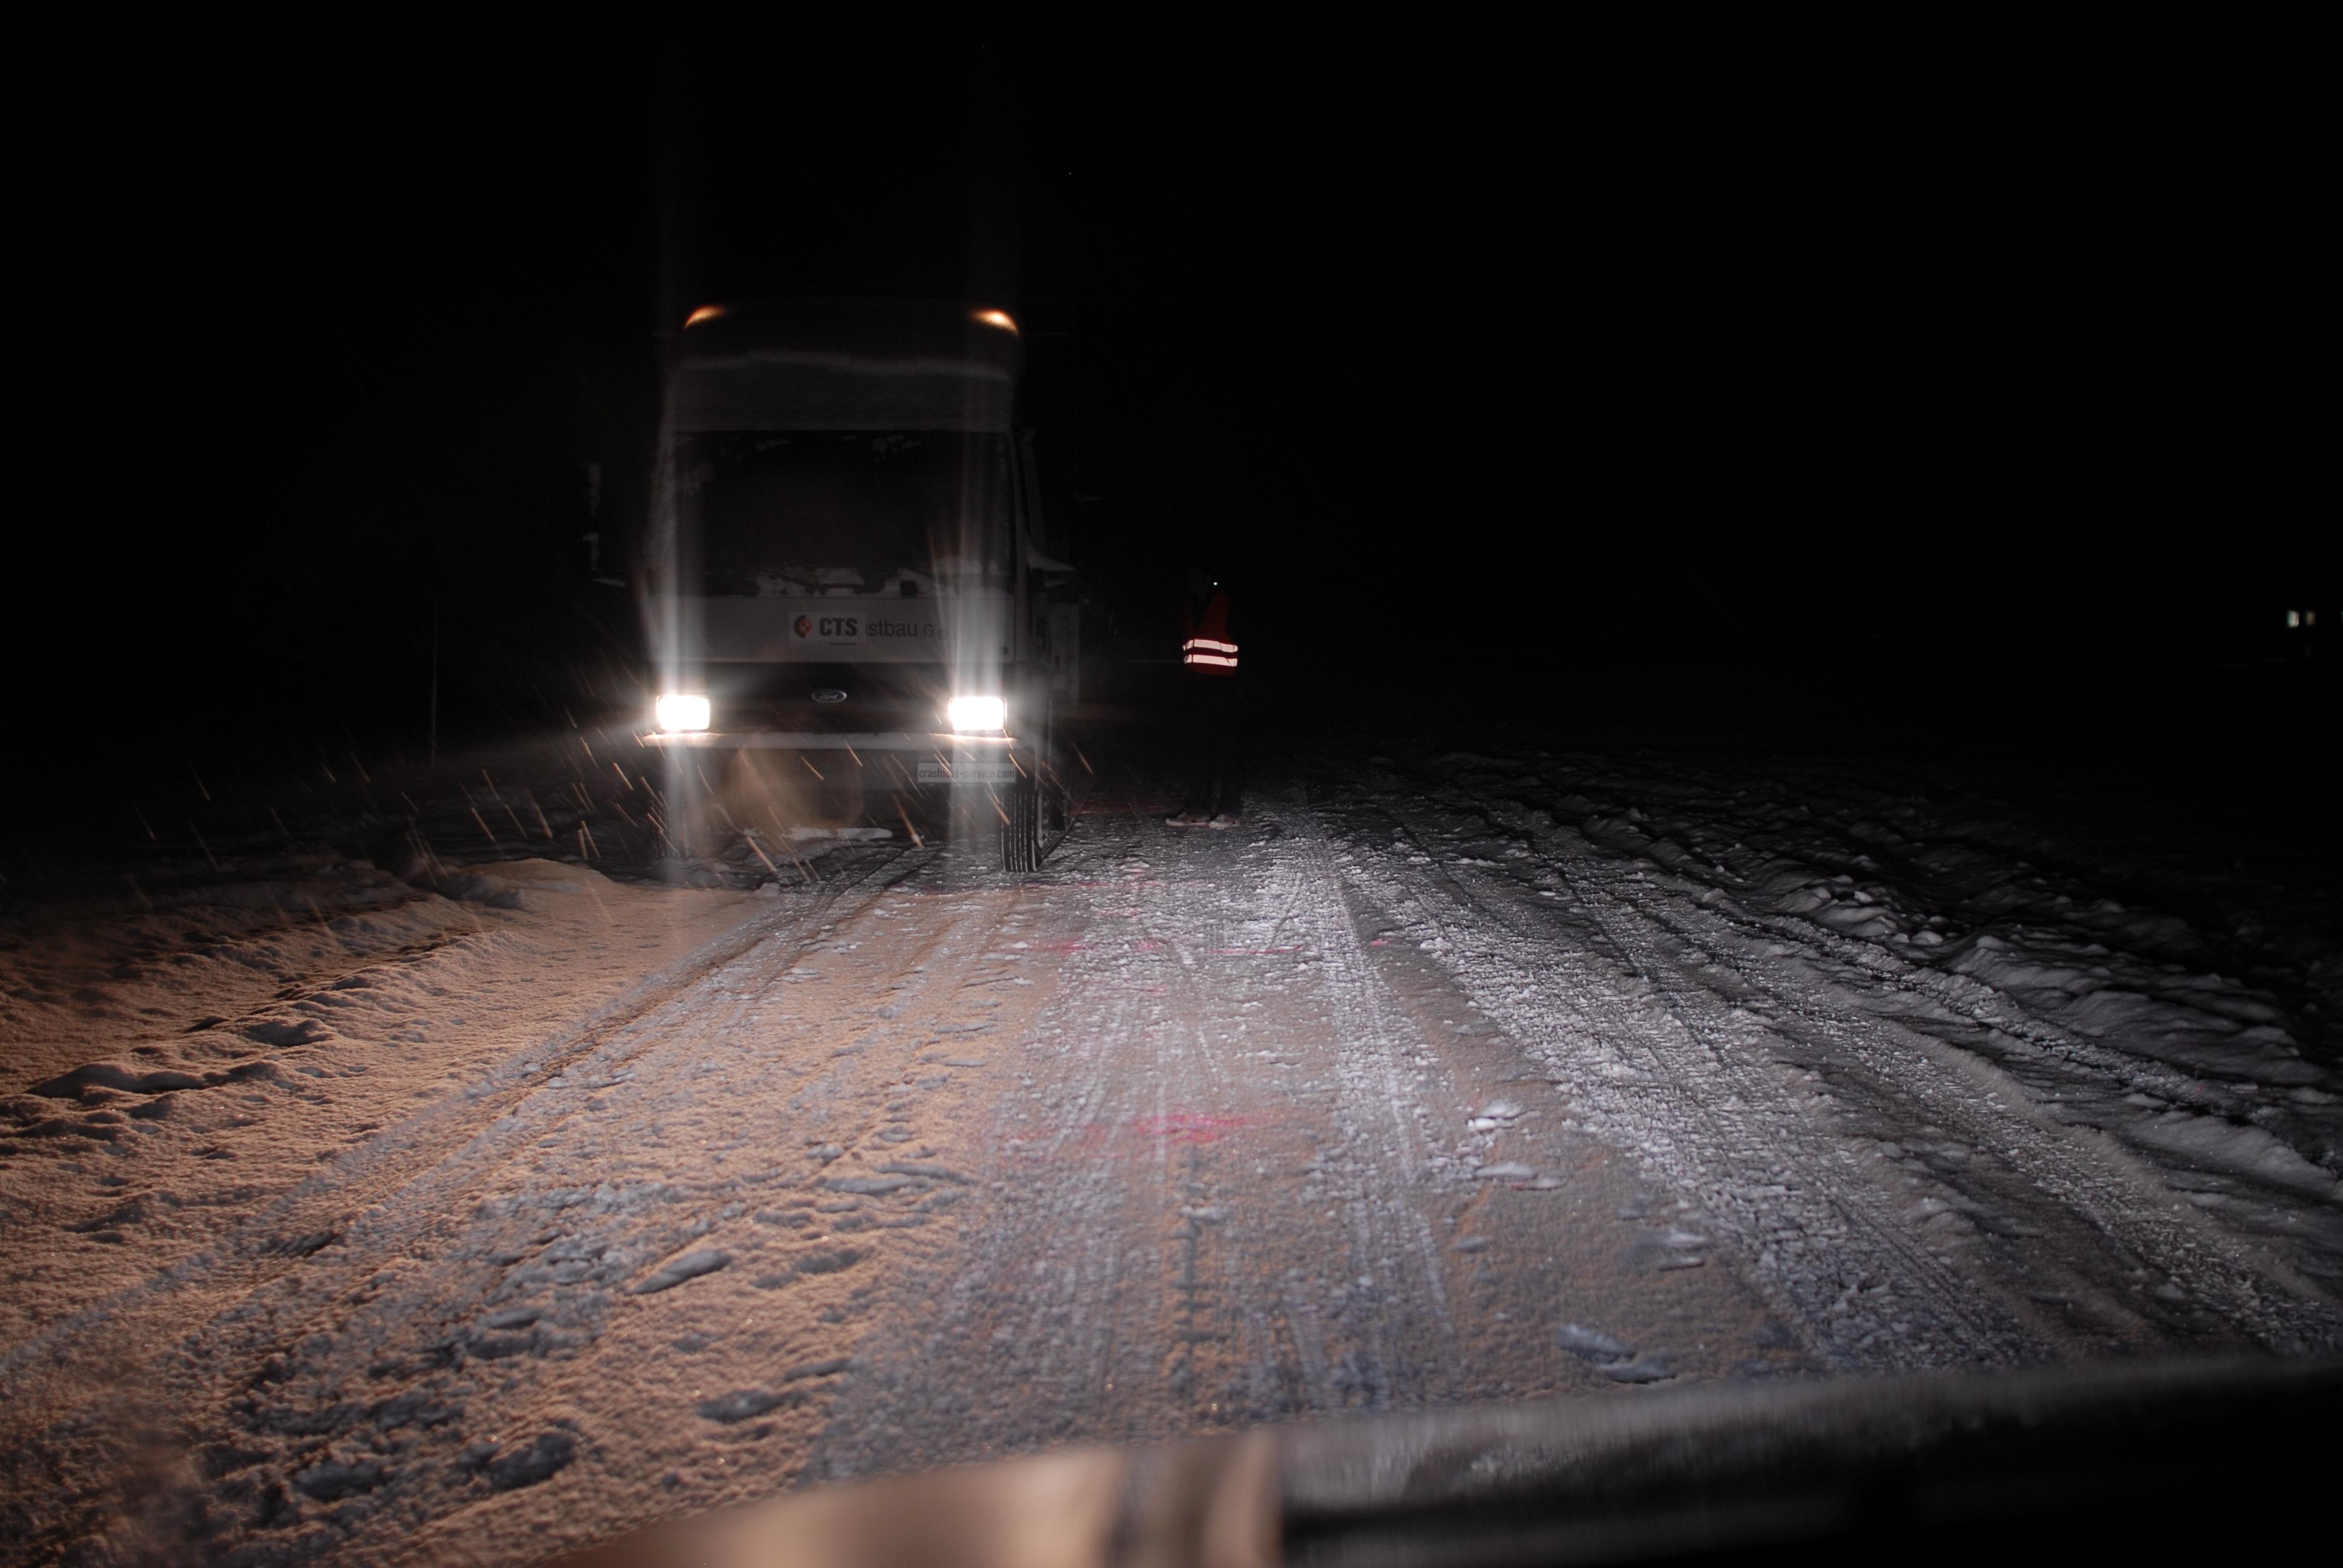 Sicht auf einen neben dem Lkw stehenden Fußgänger bei Schneetreiben